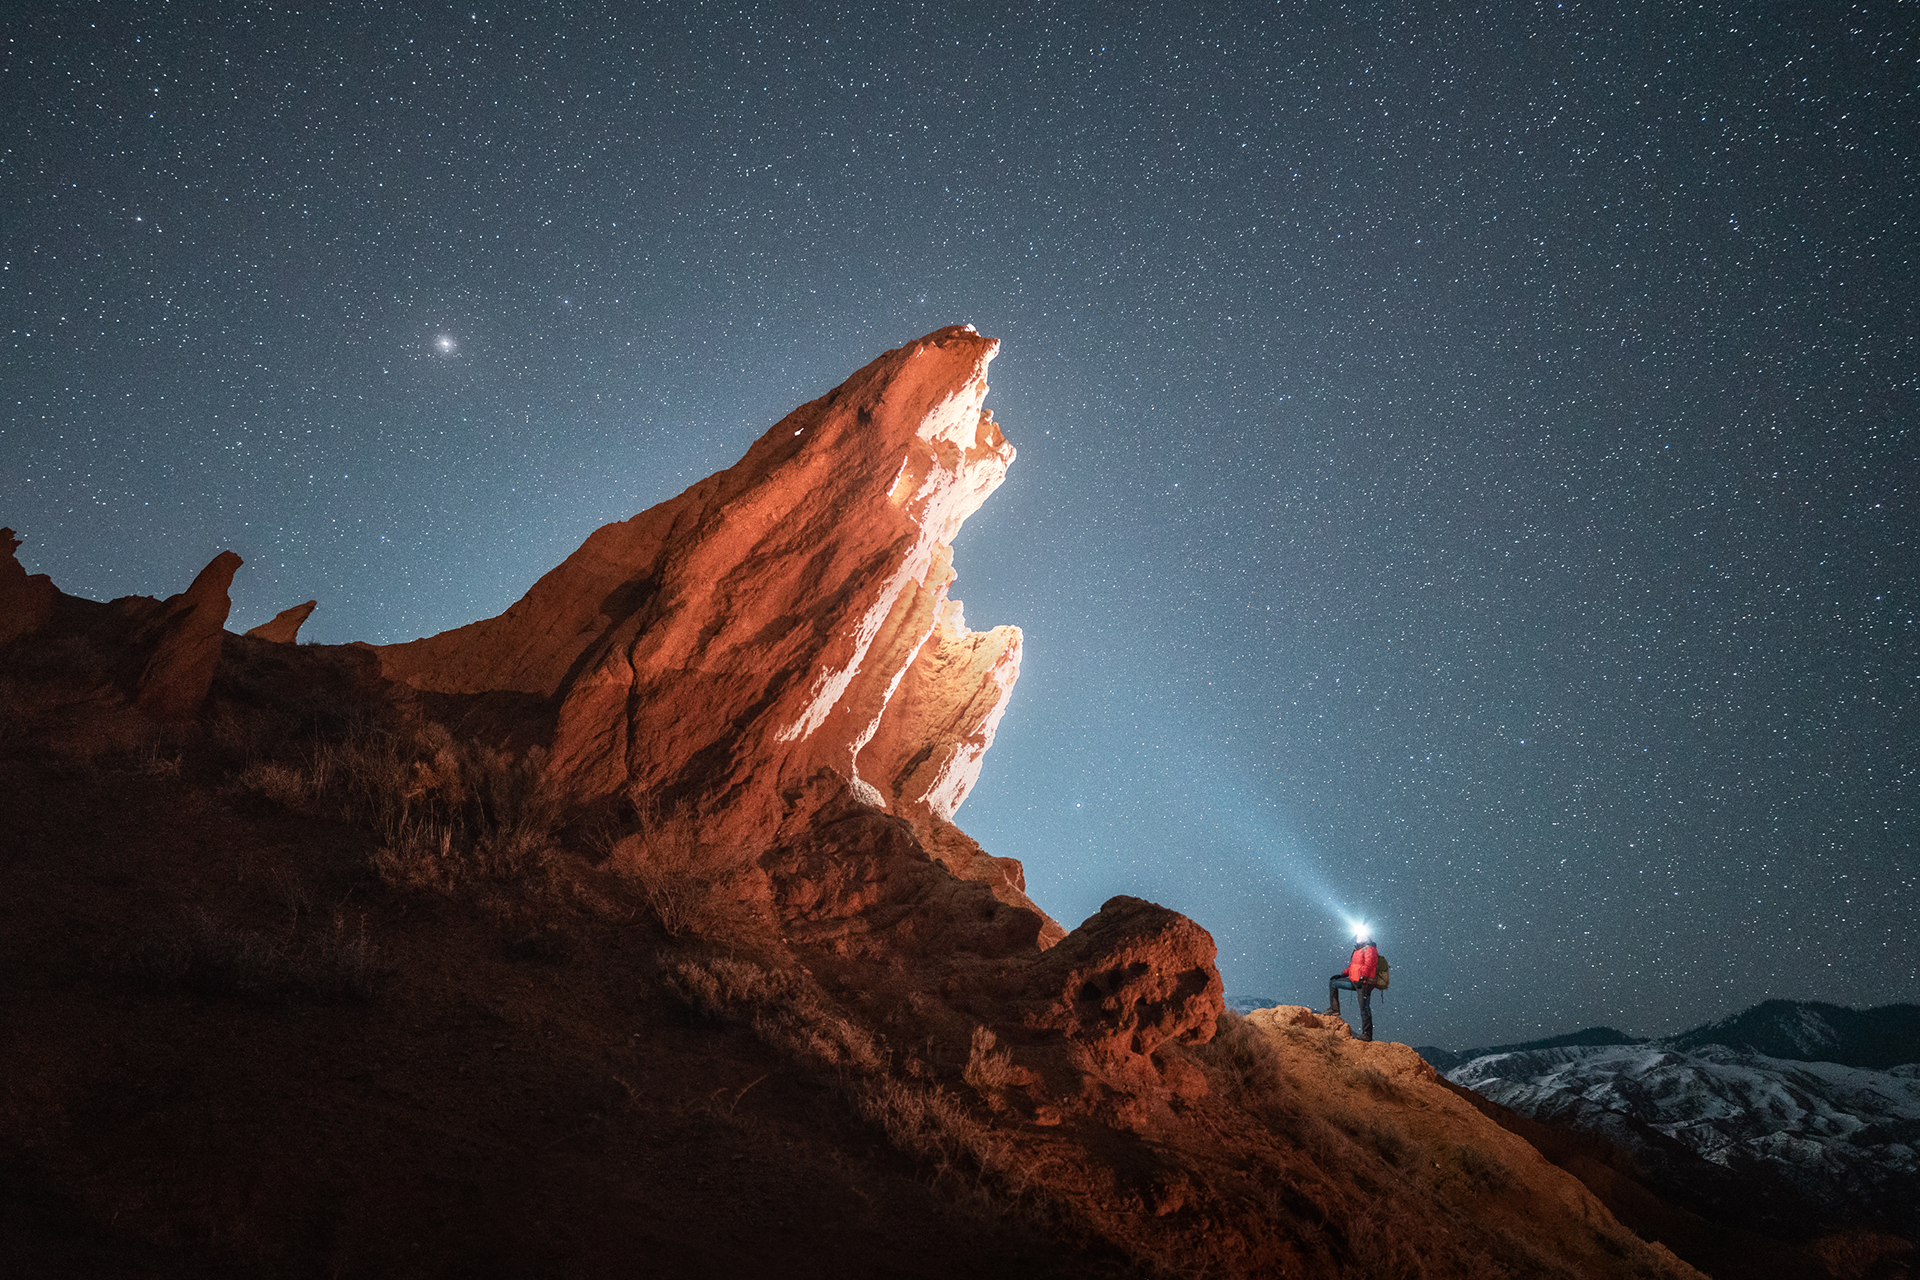 foto van de melkweg bij nacht boven een berg met een man met een licht op zijn hoofd die er op omhoog loopt